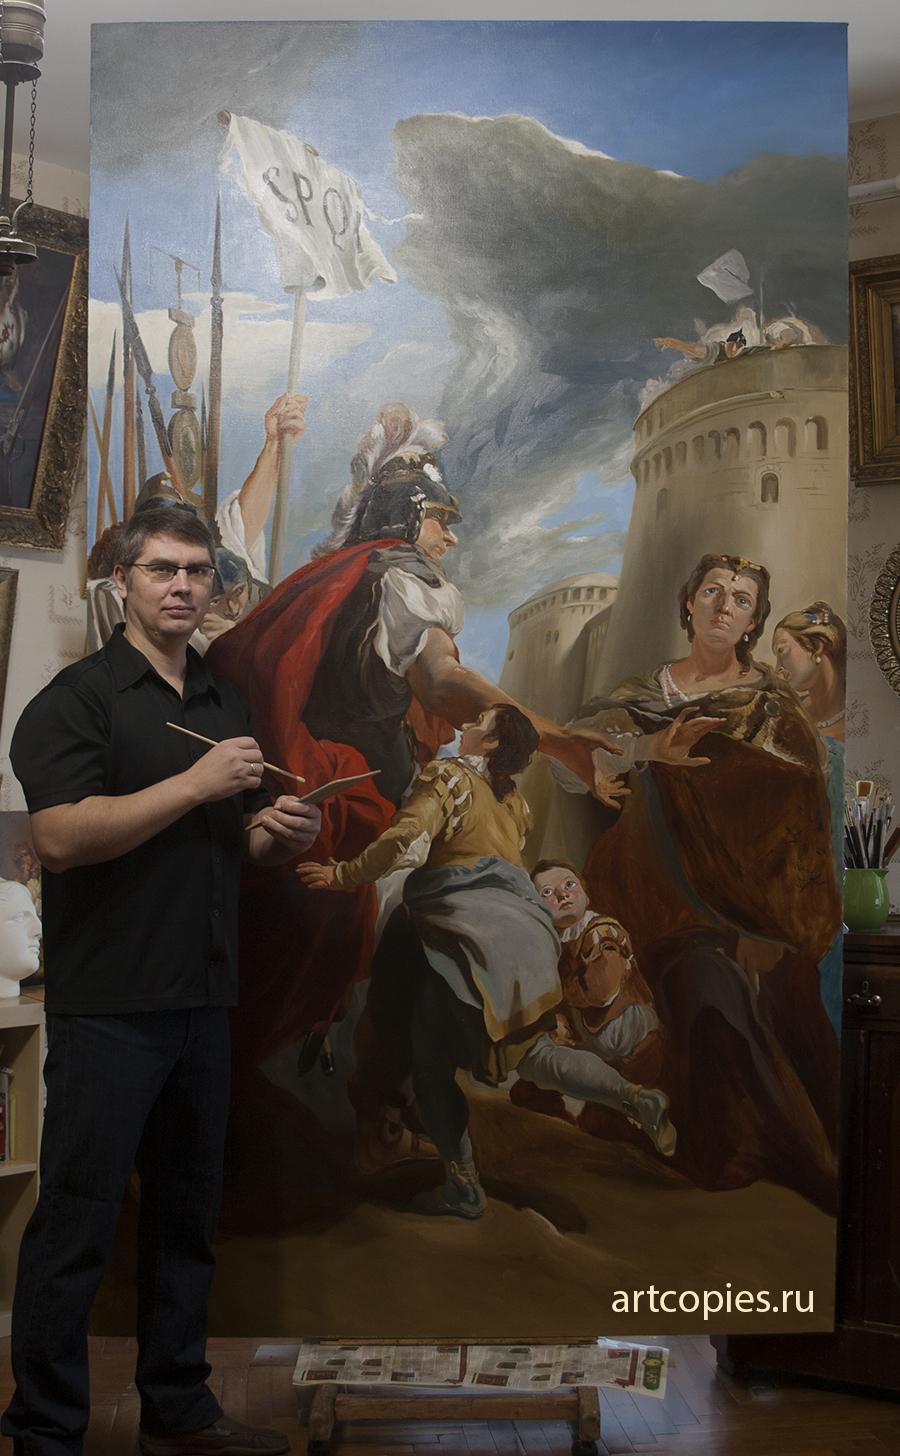 Копирование картины Тьеполо «Кориолан под стенами Рима» из коллекции музея Эрмитаж.